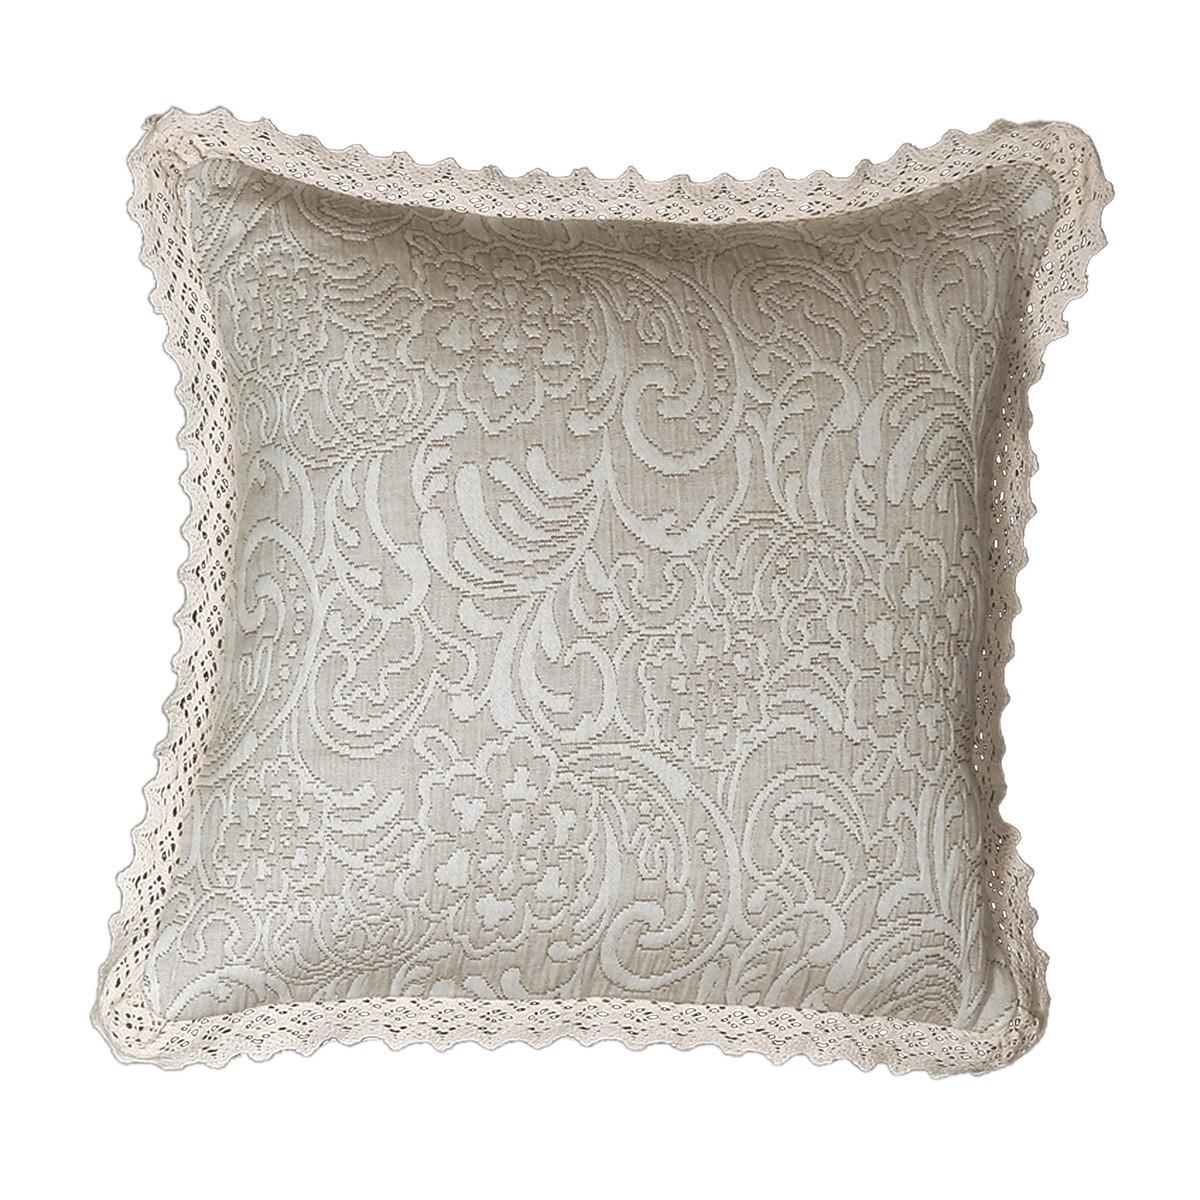 Διακοσμητικό Μαξιλάρι Nef-Nef Elisabeth Beige home   κρεβατοκάμαρα   διακοσμητικά μαξιλάρια